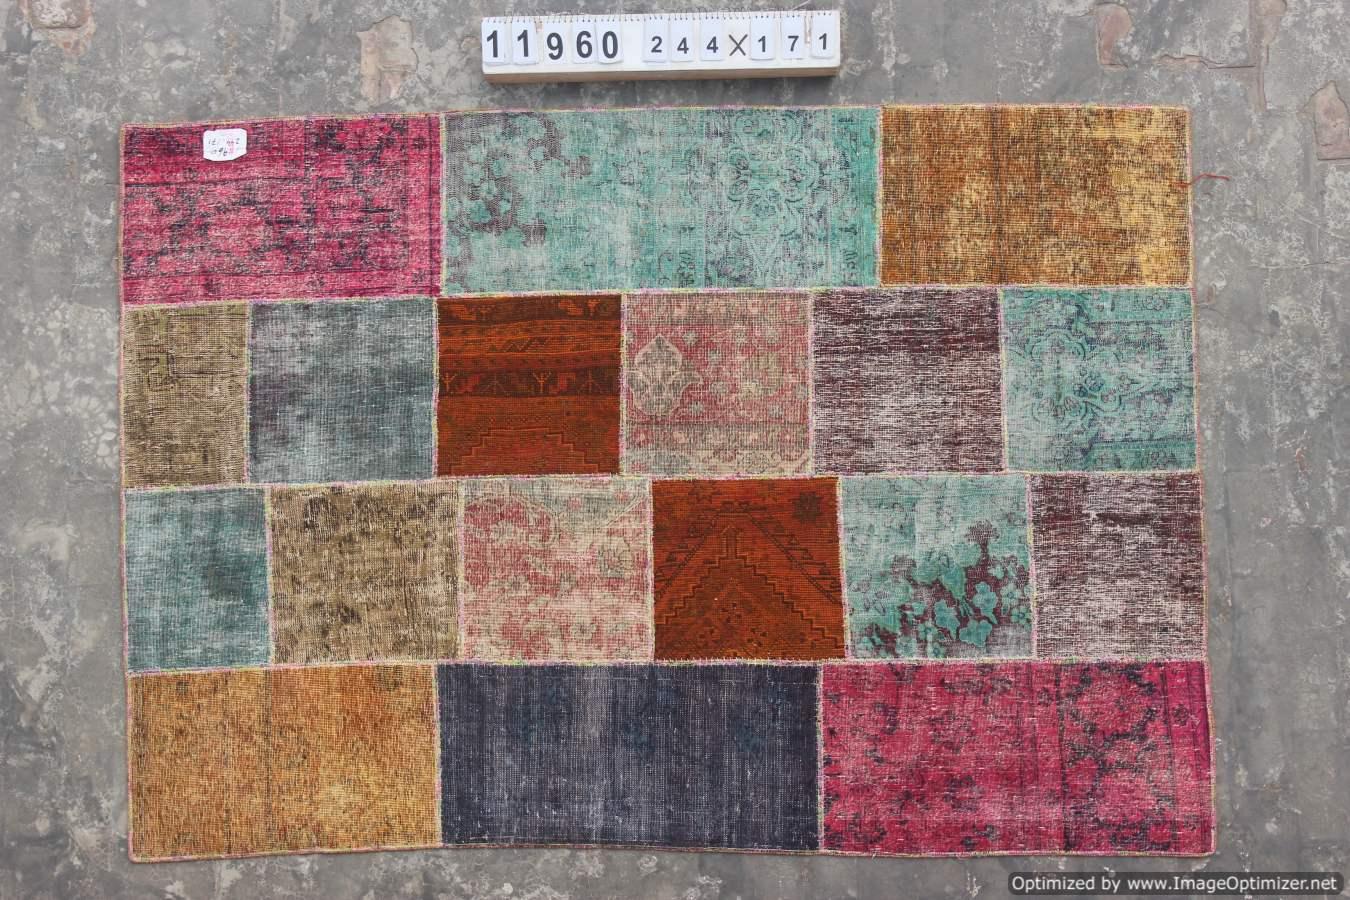 Multicolor patchwork vloerkleed uit Iran 244cm x 171cm, no 11960 gemaakt uit oude perzen. v